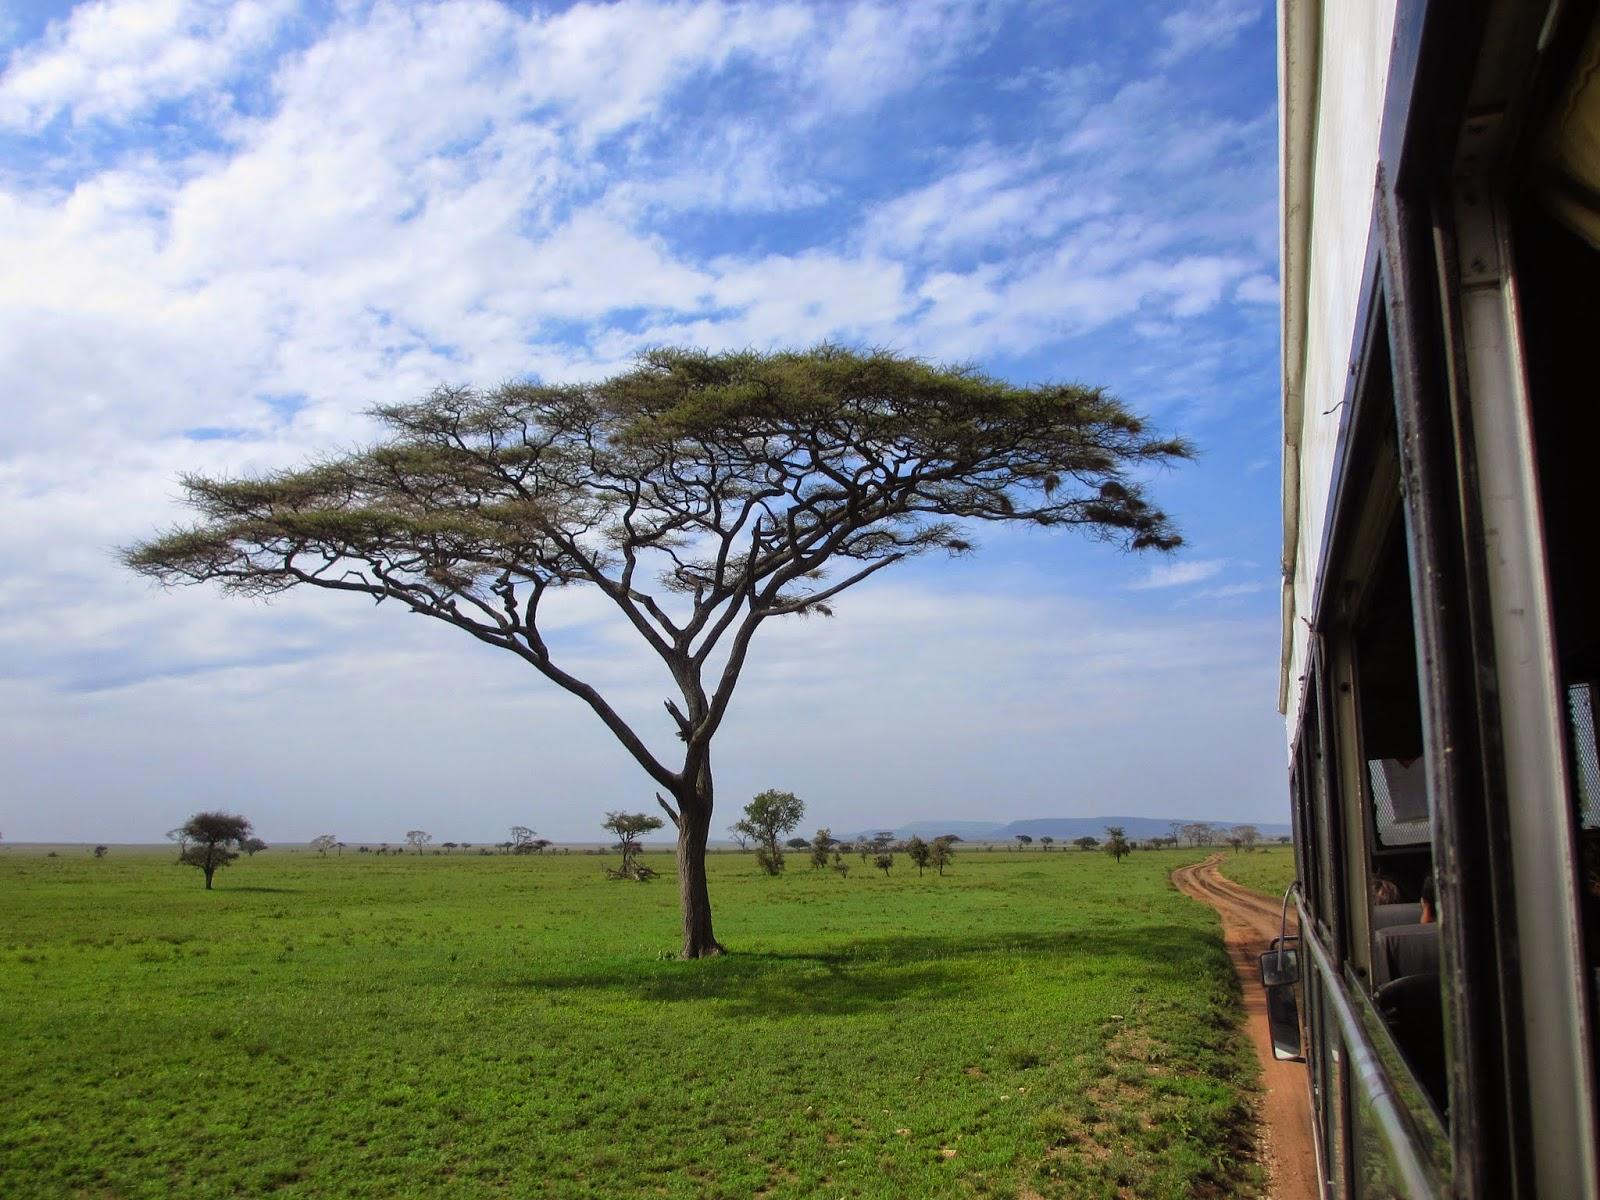 Fazer um SAFARI NO SERENGETI e explorar os animais e o bioma de savana | Tanzânia